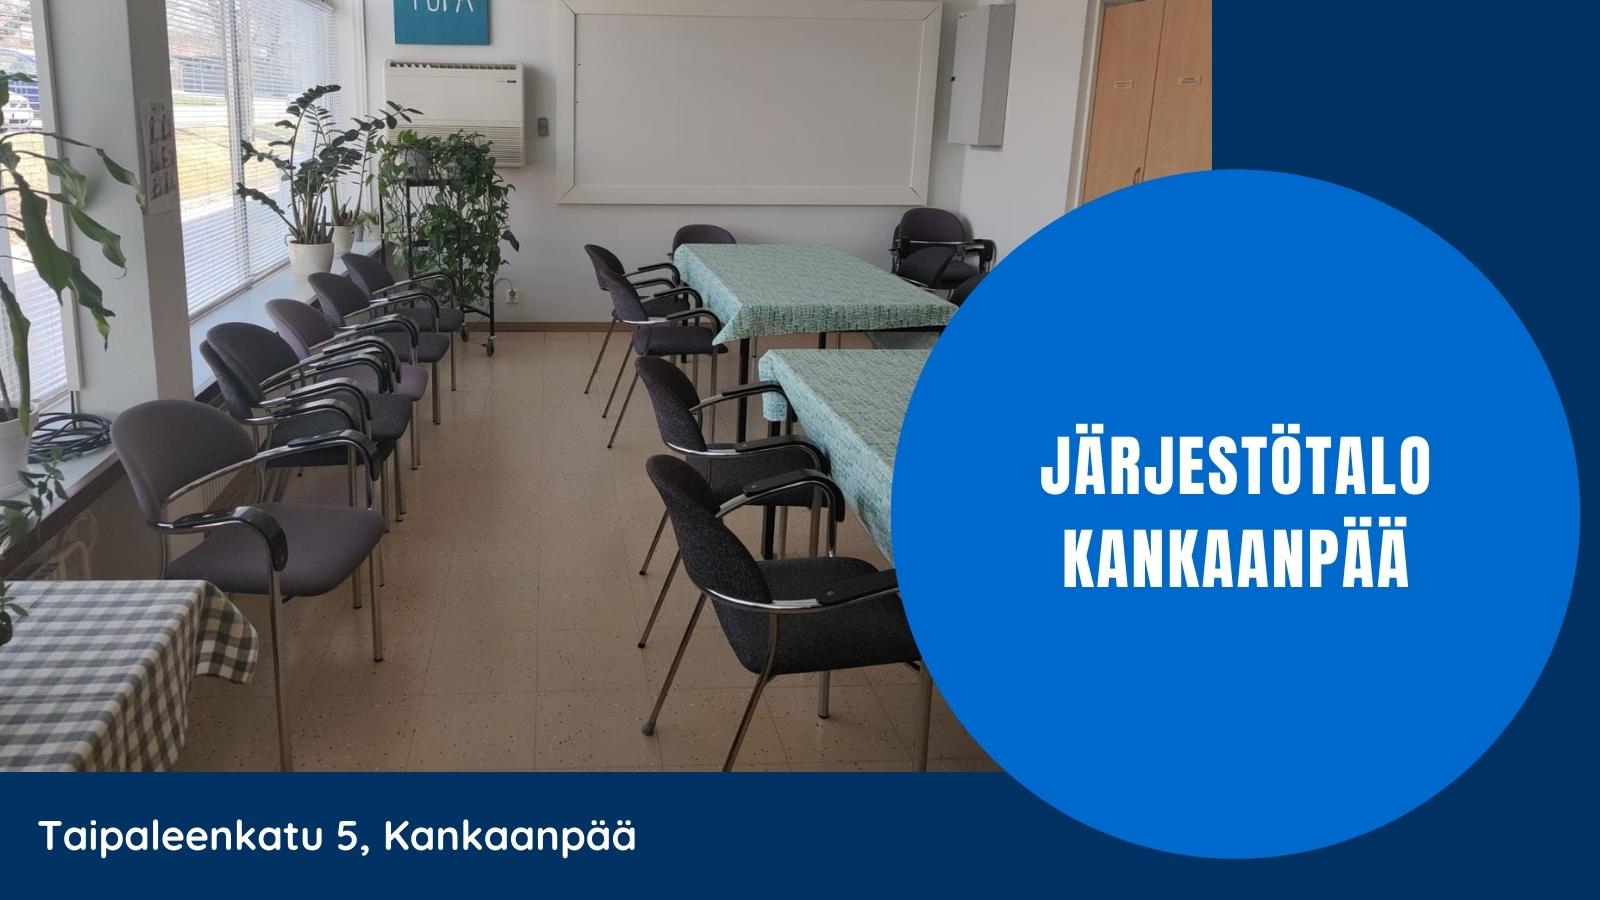 Järjestötalo Kankaanpää